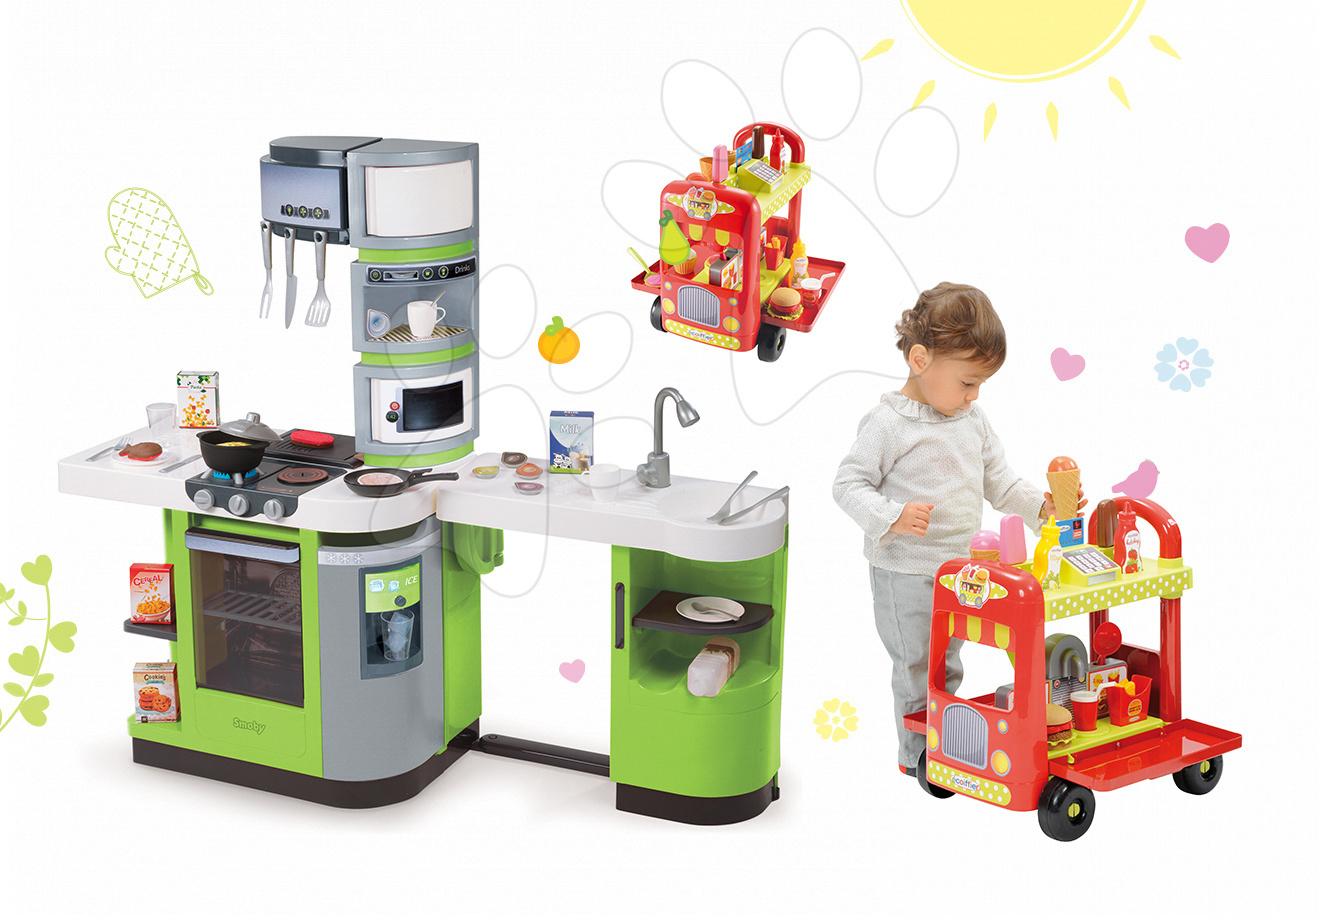 Kuchynky pre deti sety - Set kuchynka CookMaster Verte Smoby s ľadom a zvukmi a vozík so zmrzlinou a hamburgermi